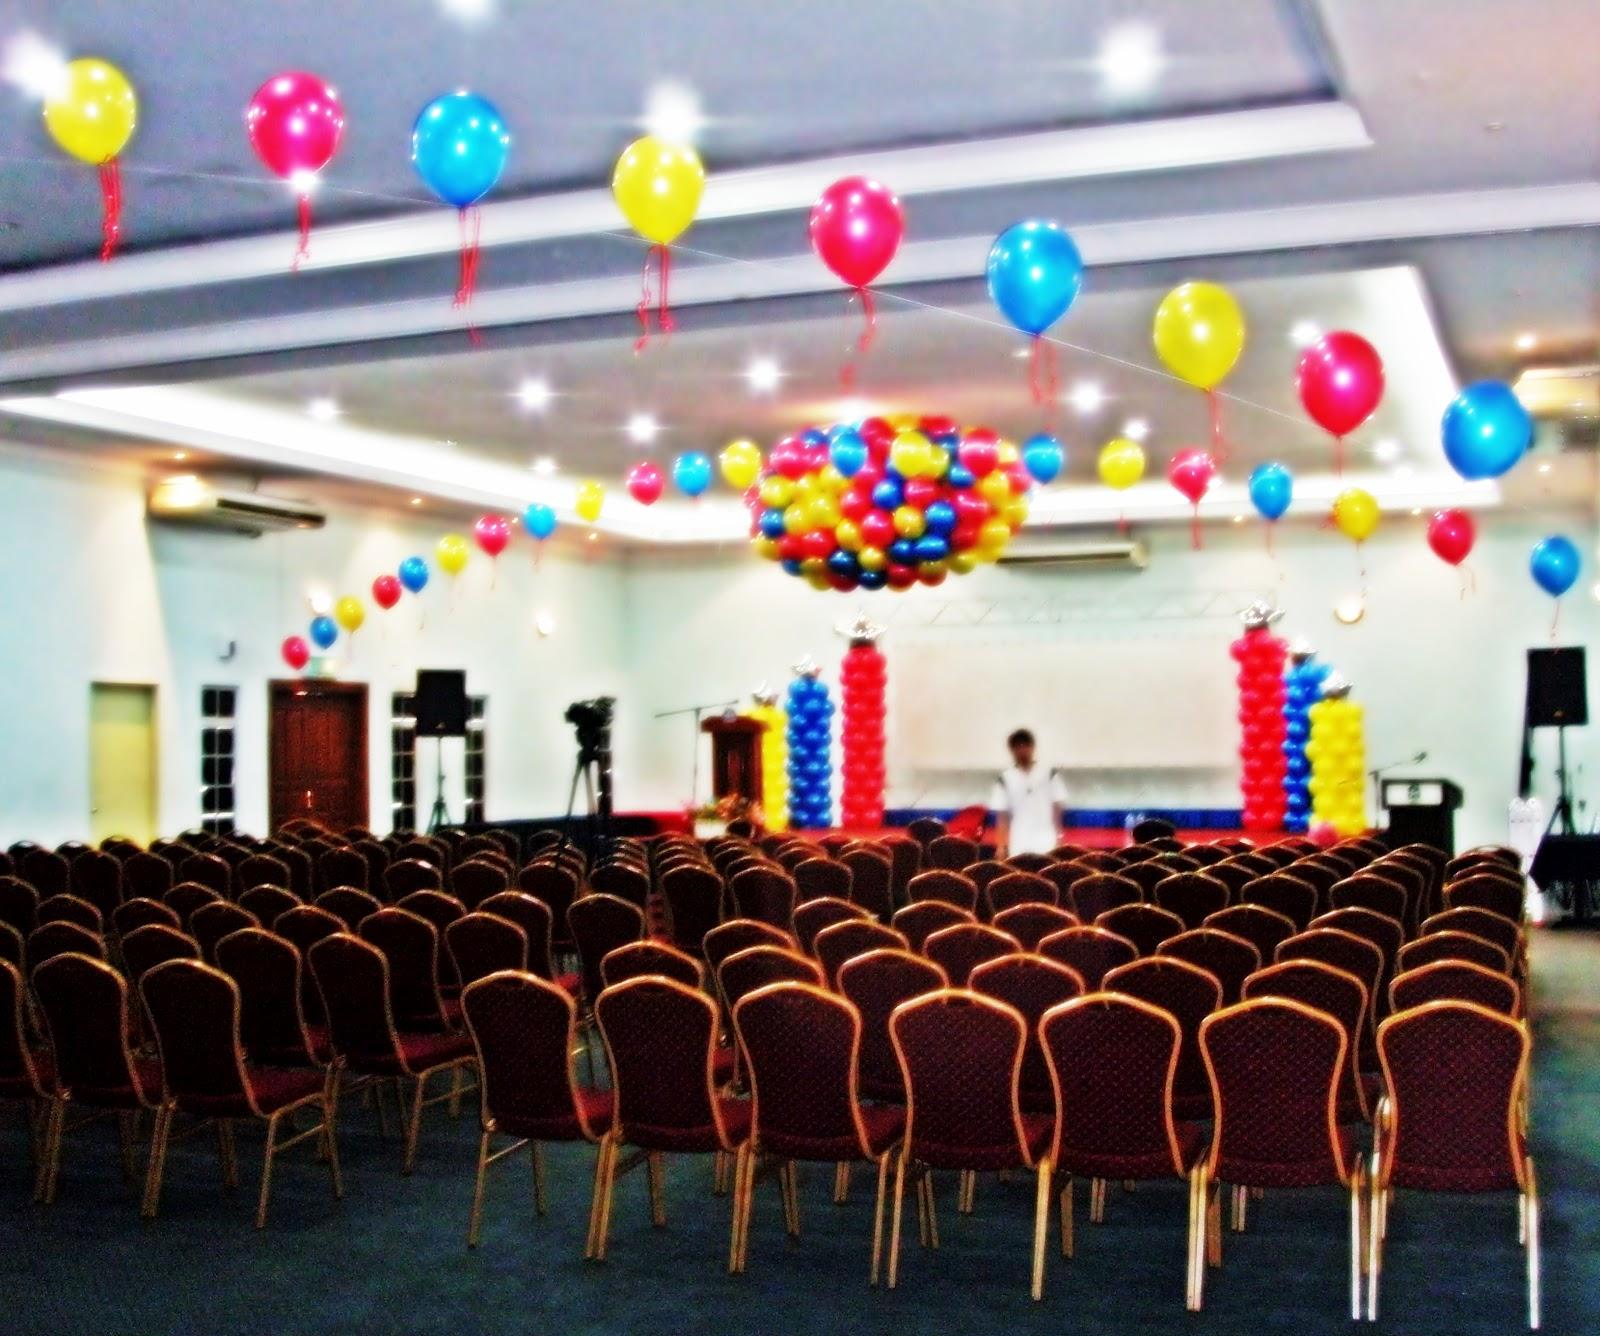 Kinkballoon balloon decoration q dees annual dinner 2010 for Annual dinner decoration